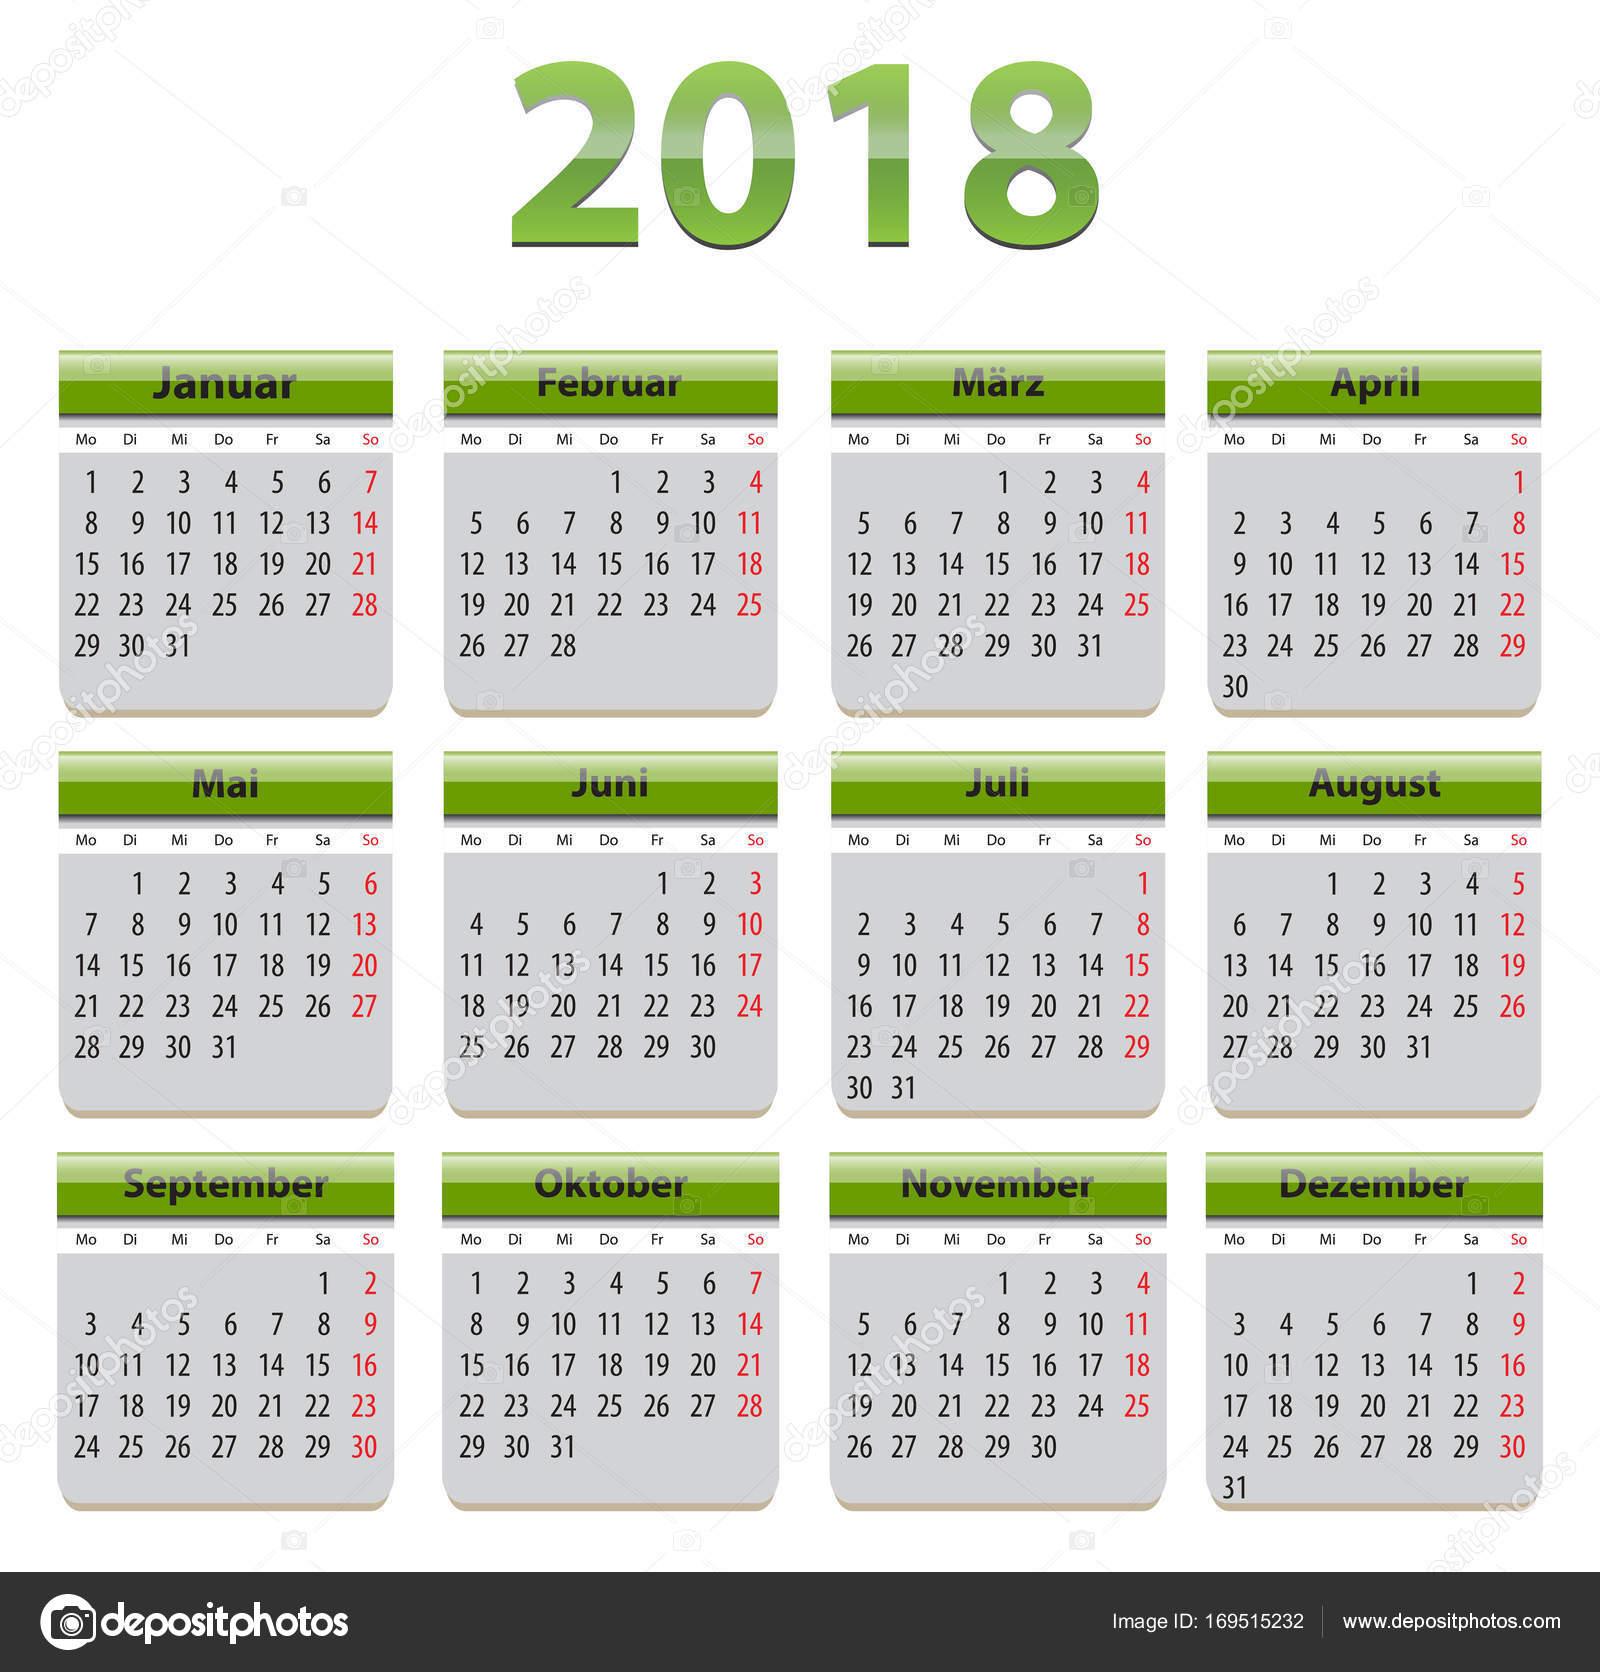 2018 German calendar — Stock Vector © mmarikk #169515232